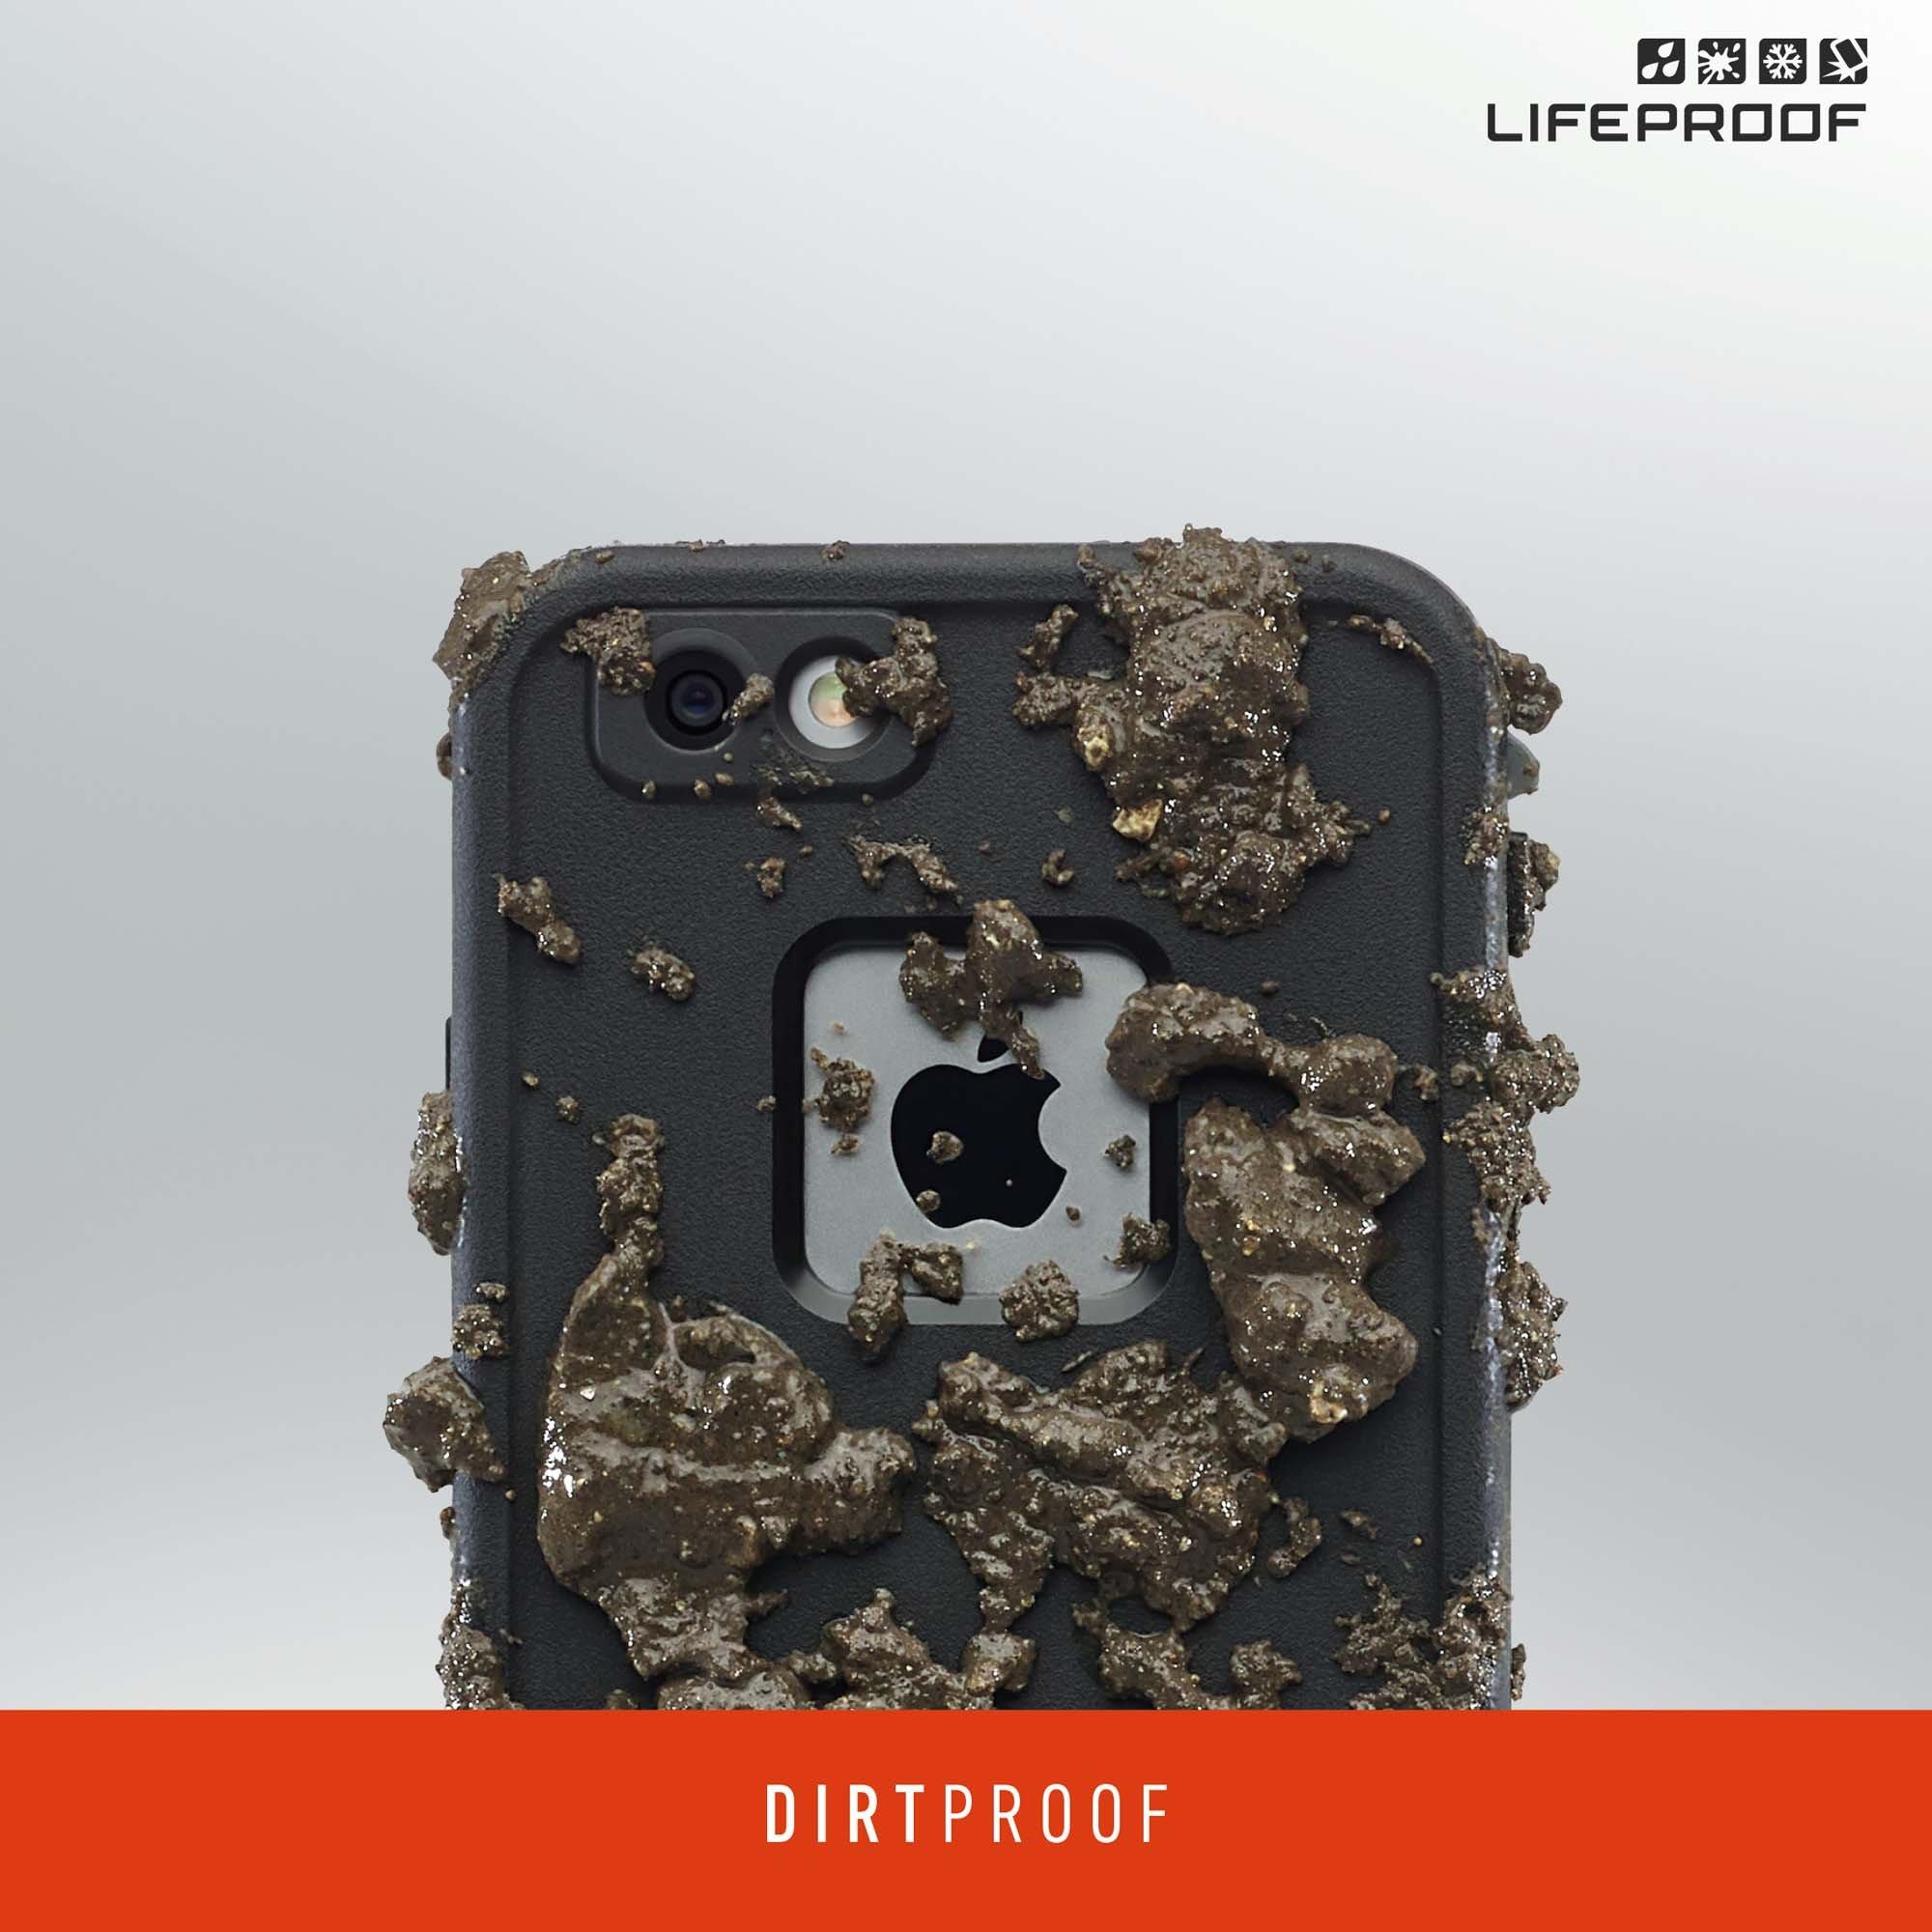 Lifeproof FRĒ SERIES iPhone 6/6s Waterproof Case (4.7'' Version) - Retail Packaging - BANZAI (COWABUNGA/WAVE CRASH/LONGBOARD) by LifeProof (Image #12)